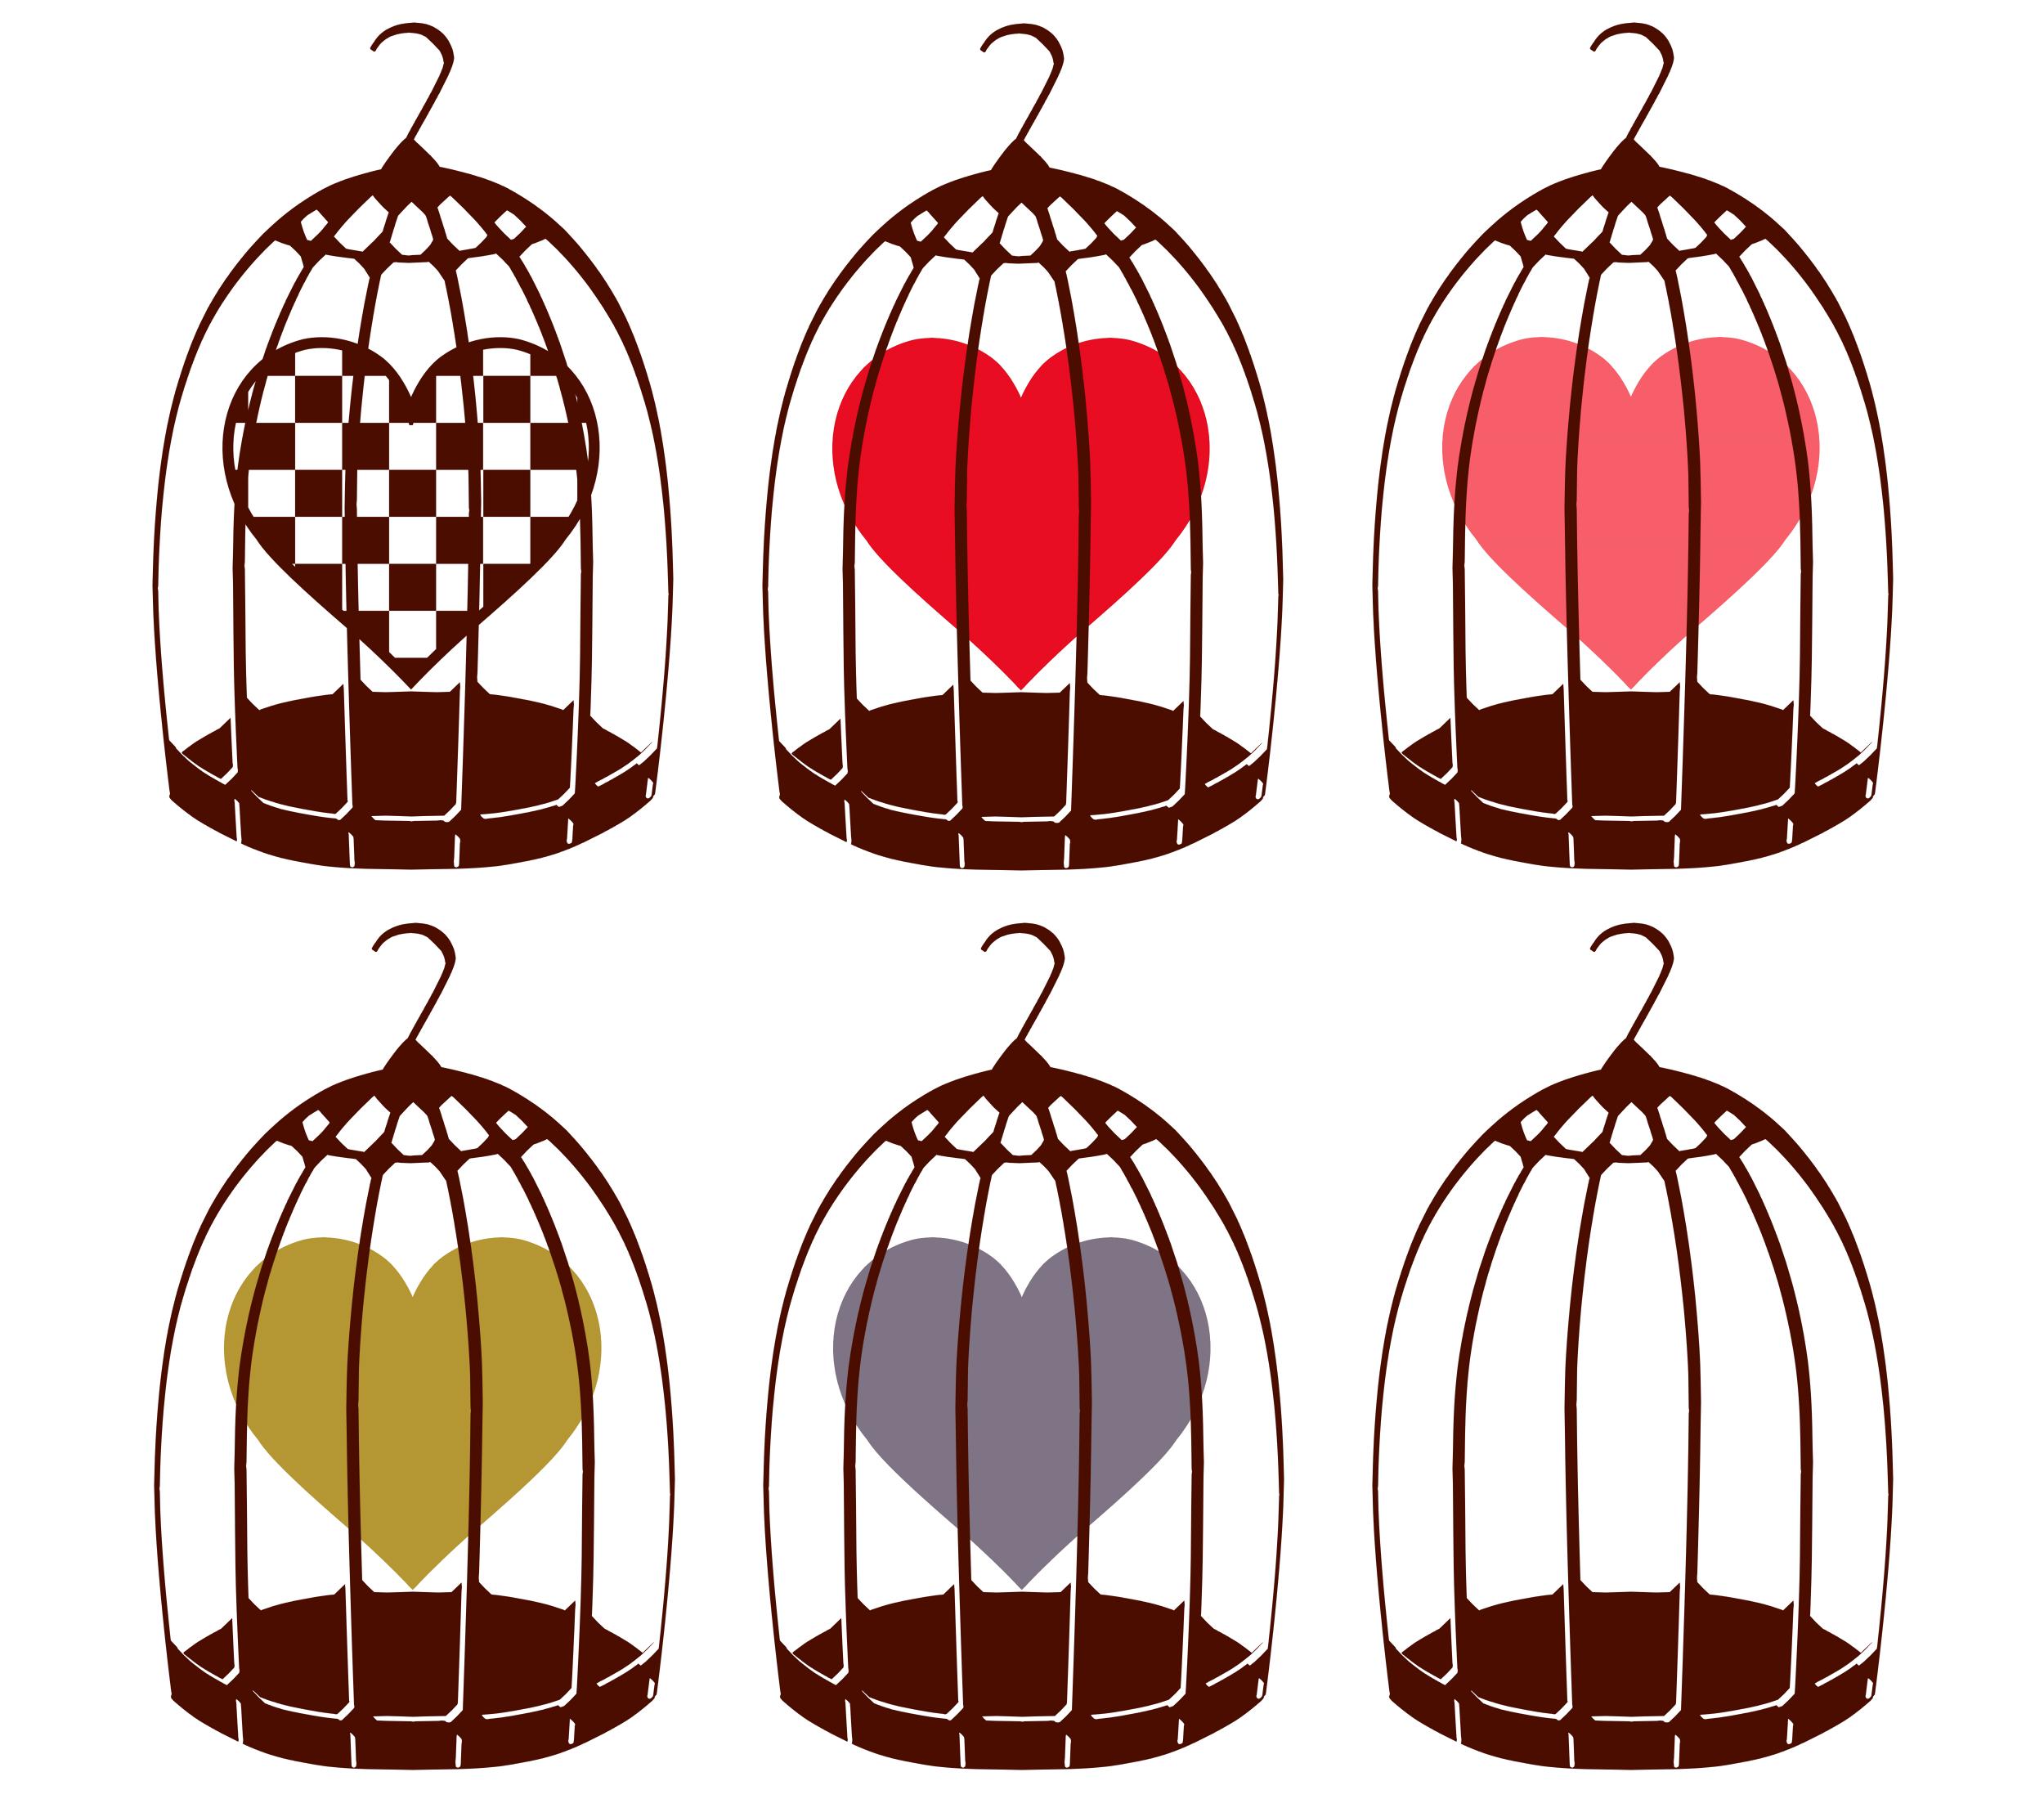 フリー素材 鳥かごとハートのイラスト : ハートの素材屋